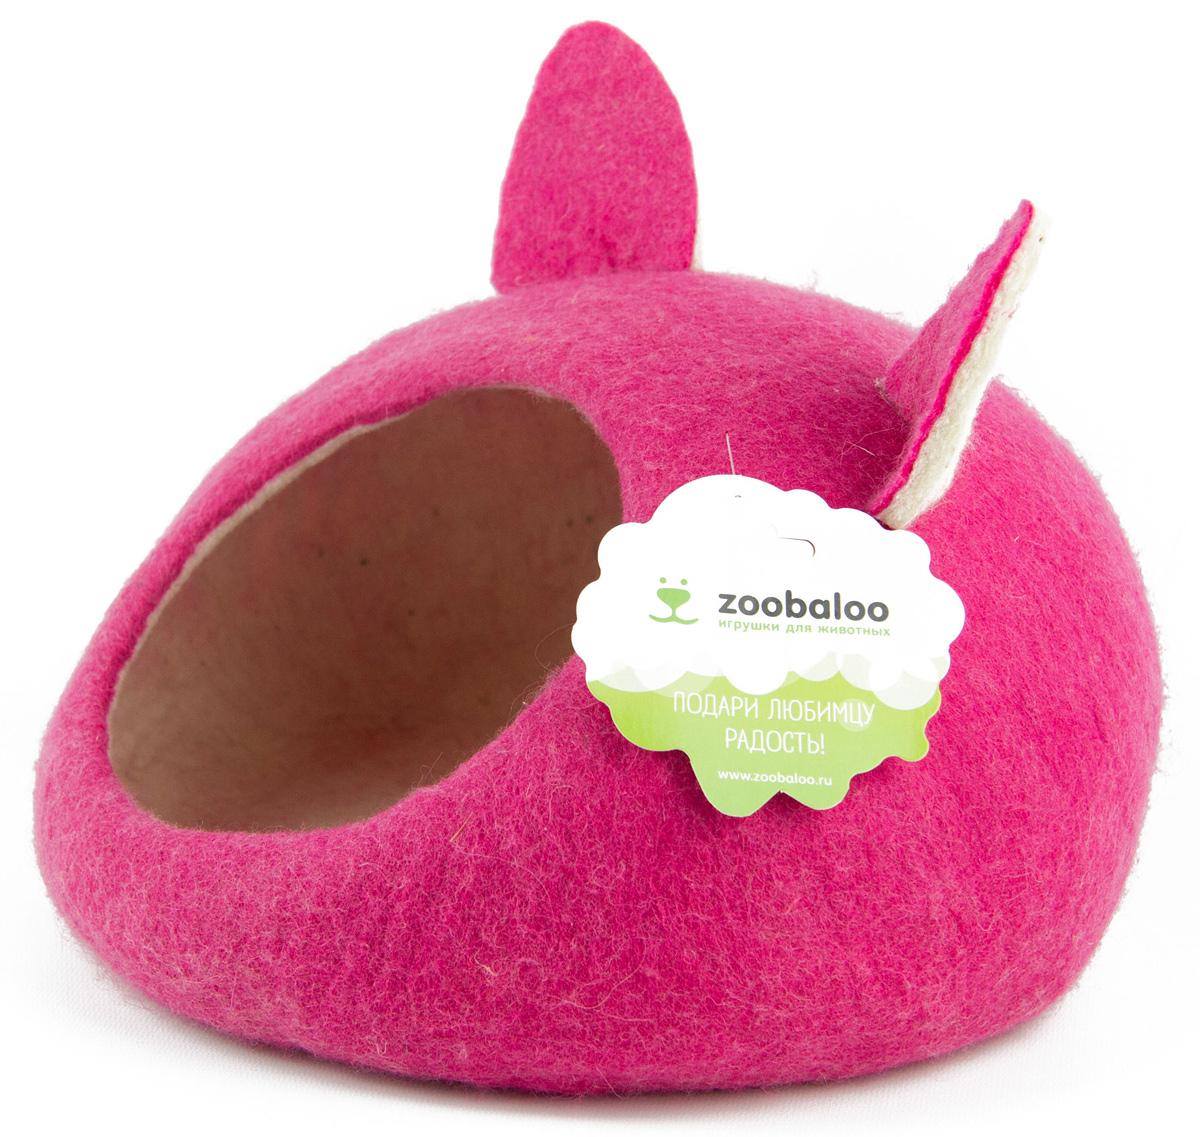 Домик-слипер для животных Zoobaloo WoolPetHouse, с ушками, цвет: малиновый, размер S домик слипер для животных zoobaloo woolpethouse с ушками цвет оранжевый размер m